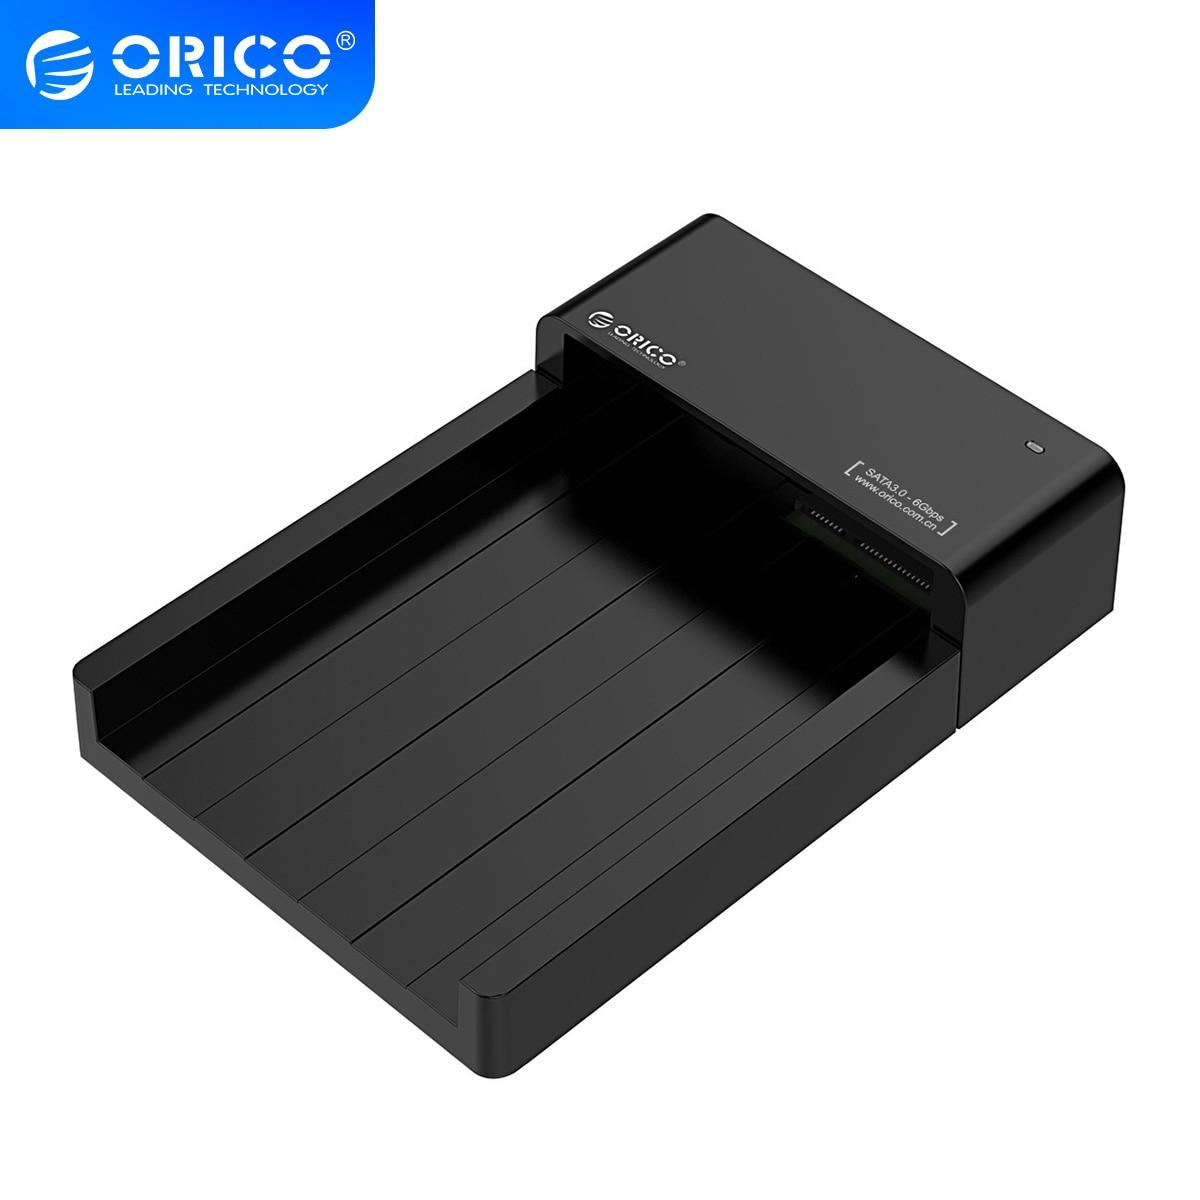 ORICO 3,5 дюймов HDD Caddy SATA Тип USB B ESATA внешний корпус SSD до 8 ТБ, док-станция для жесткого диска для ноутбука, не требует применения инструментов